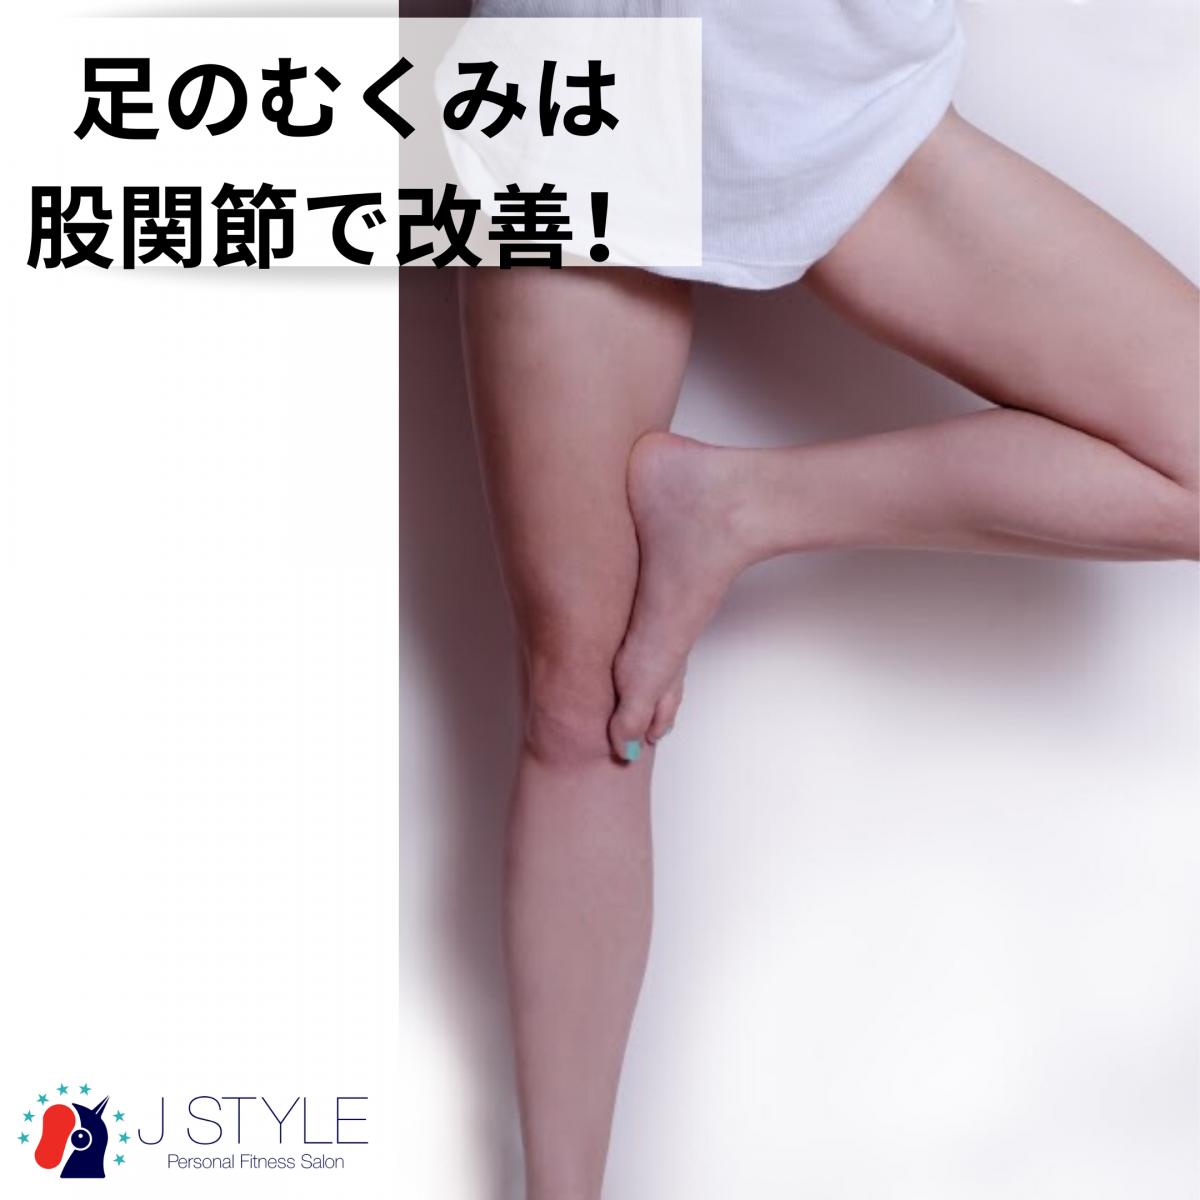 むくみは股関節で改善!